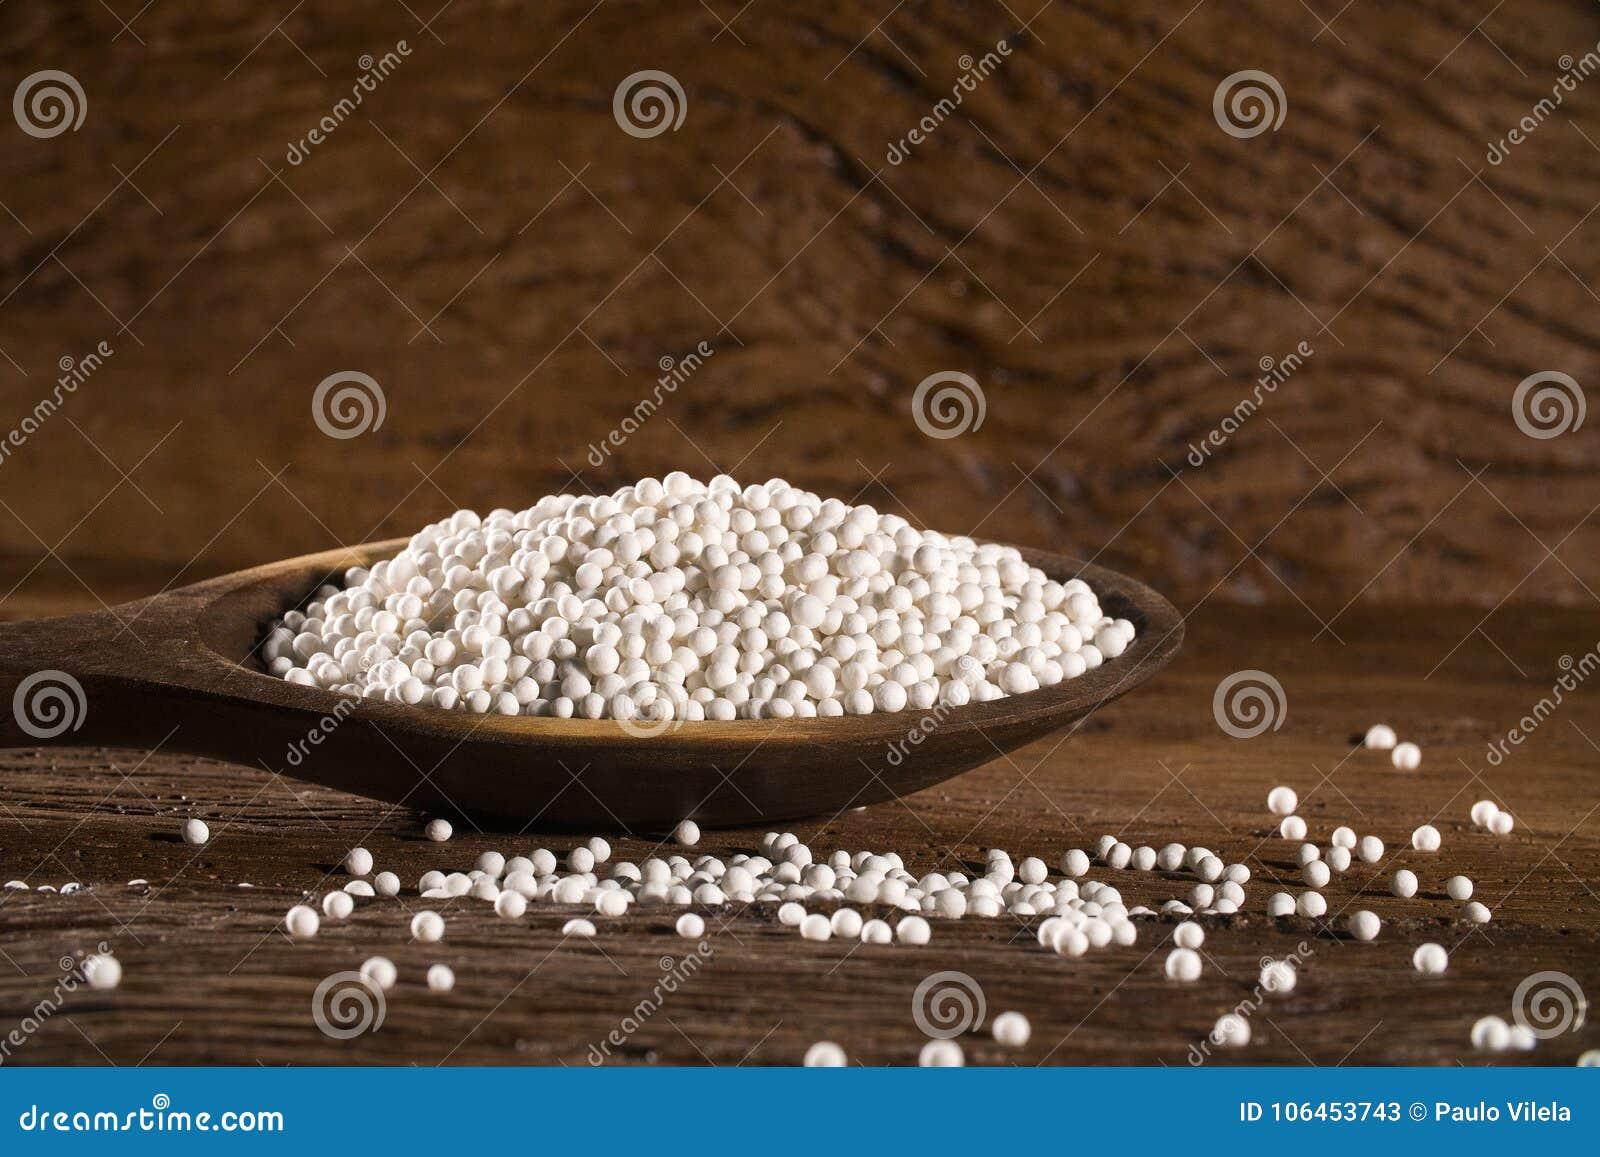 El sagú blanco gotea en una cuchara de madera